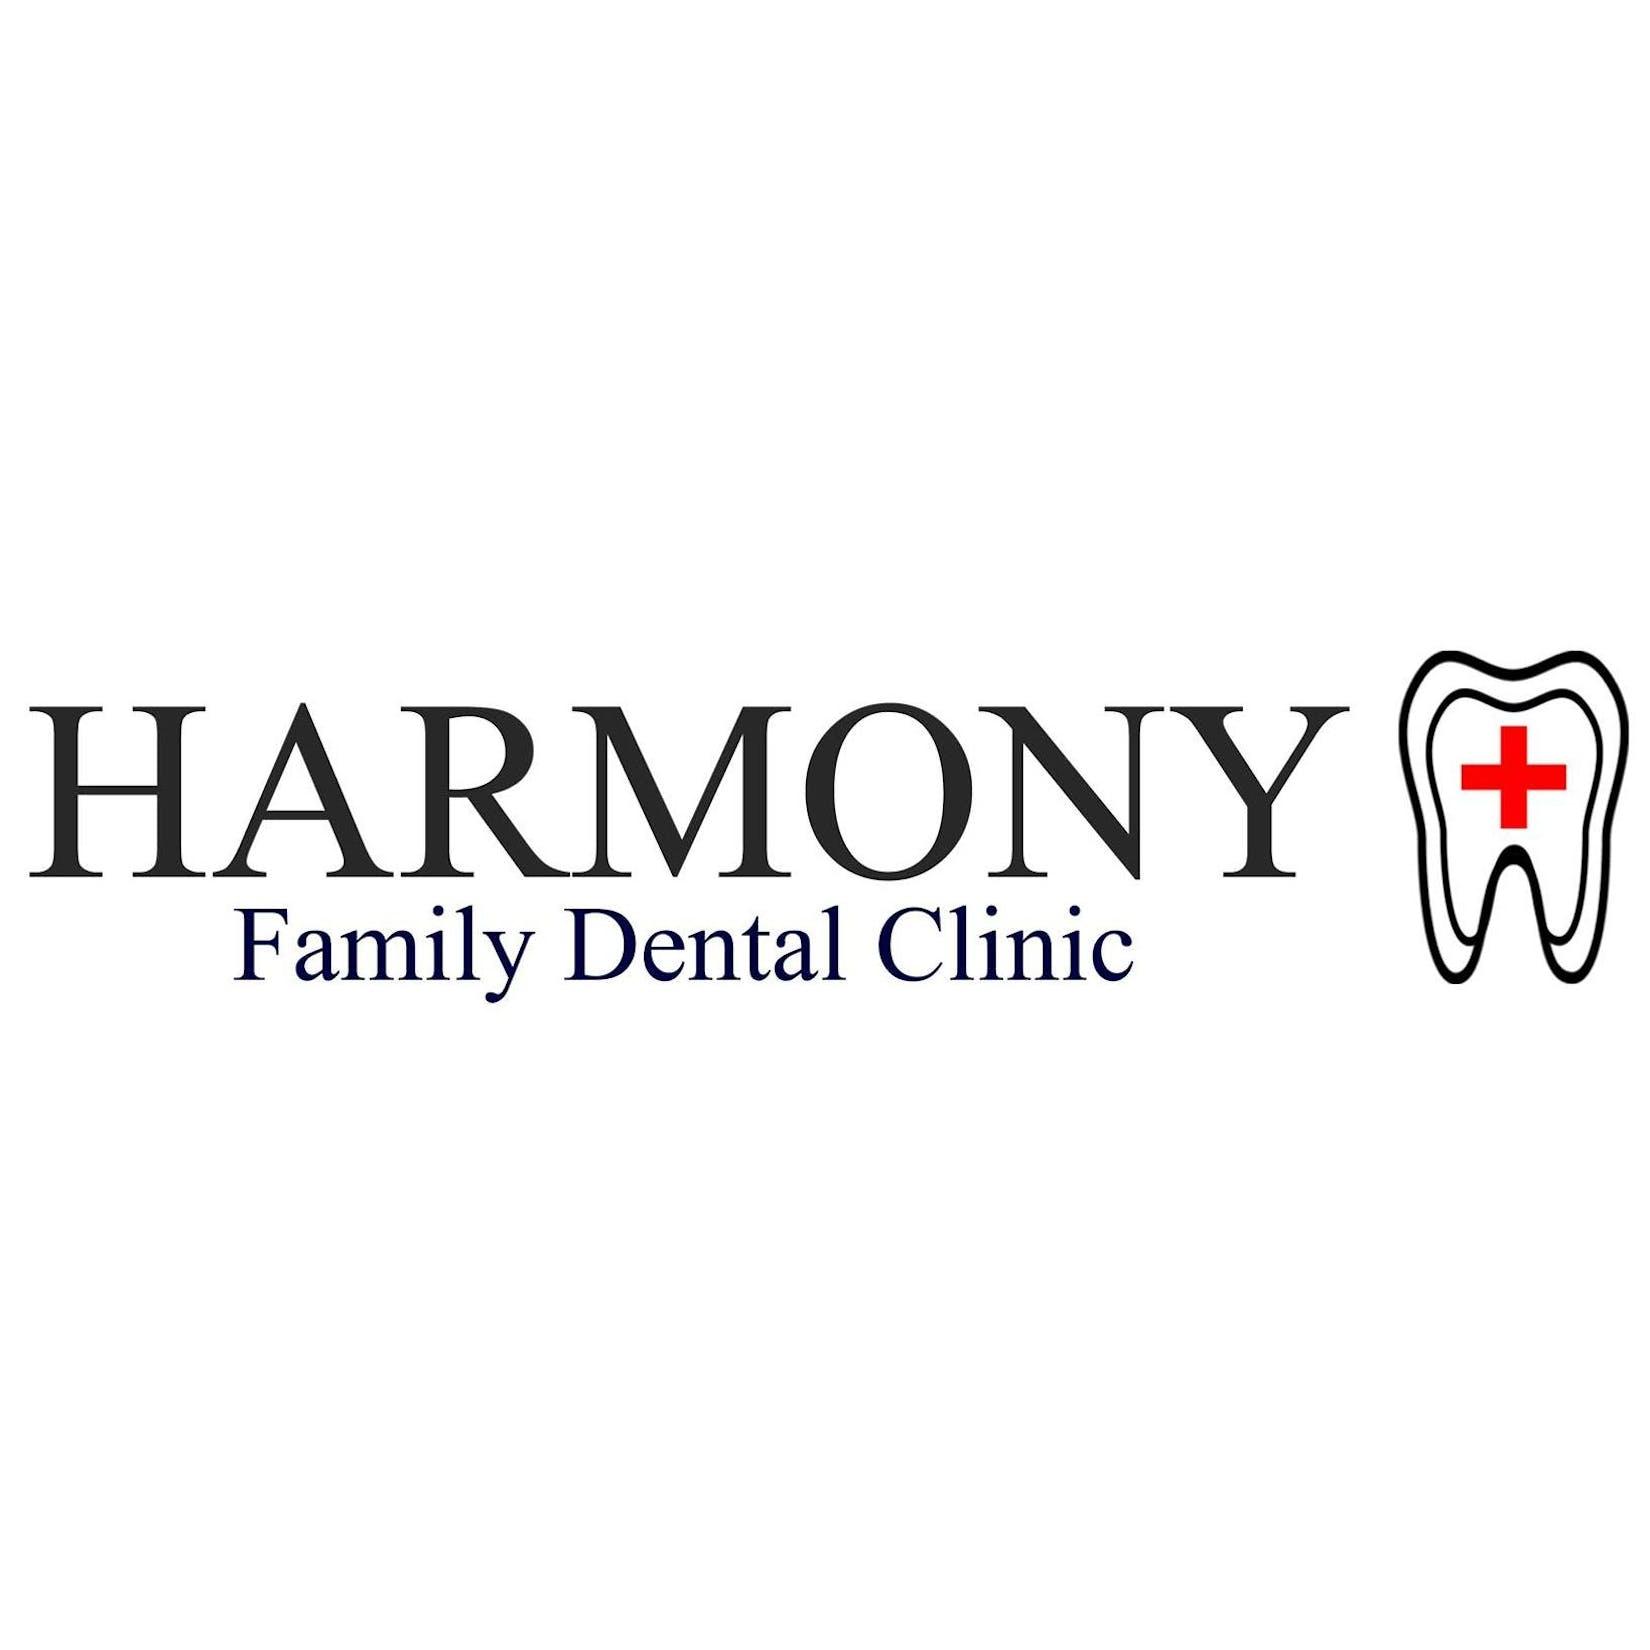 HARMONY Family Dental Clinic (Ahlone)   Medical